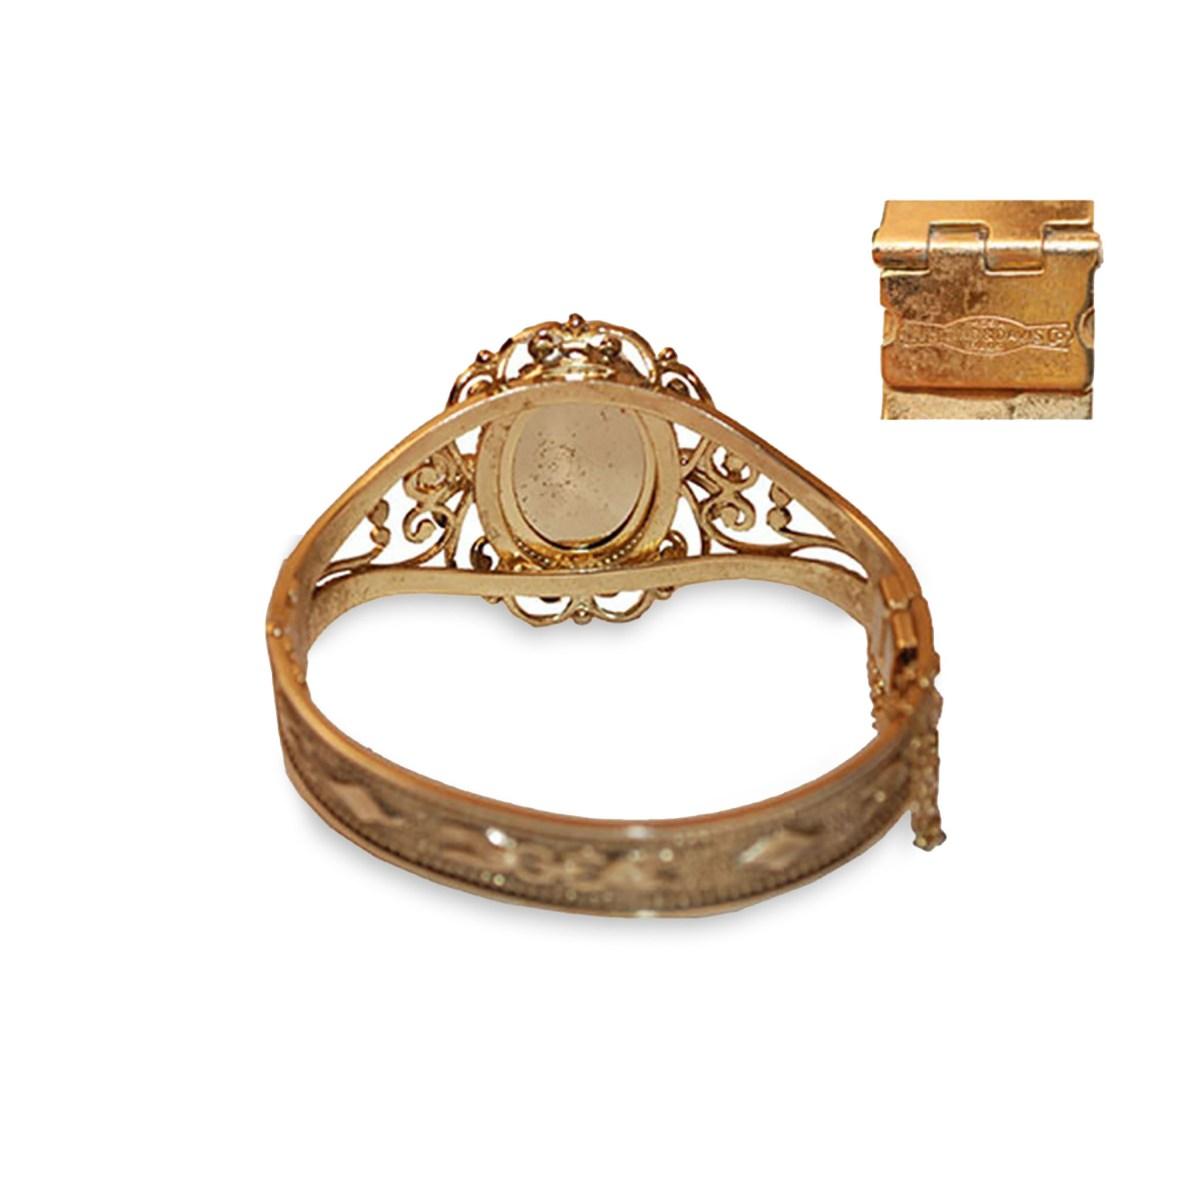 Whiting Davis jewelry mark